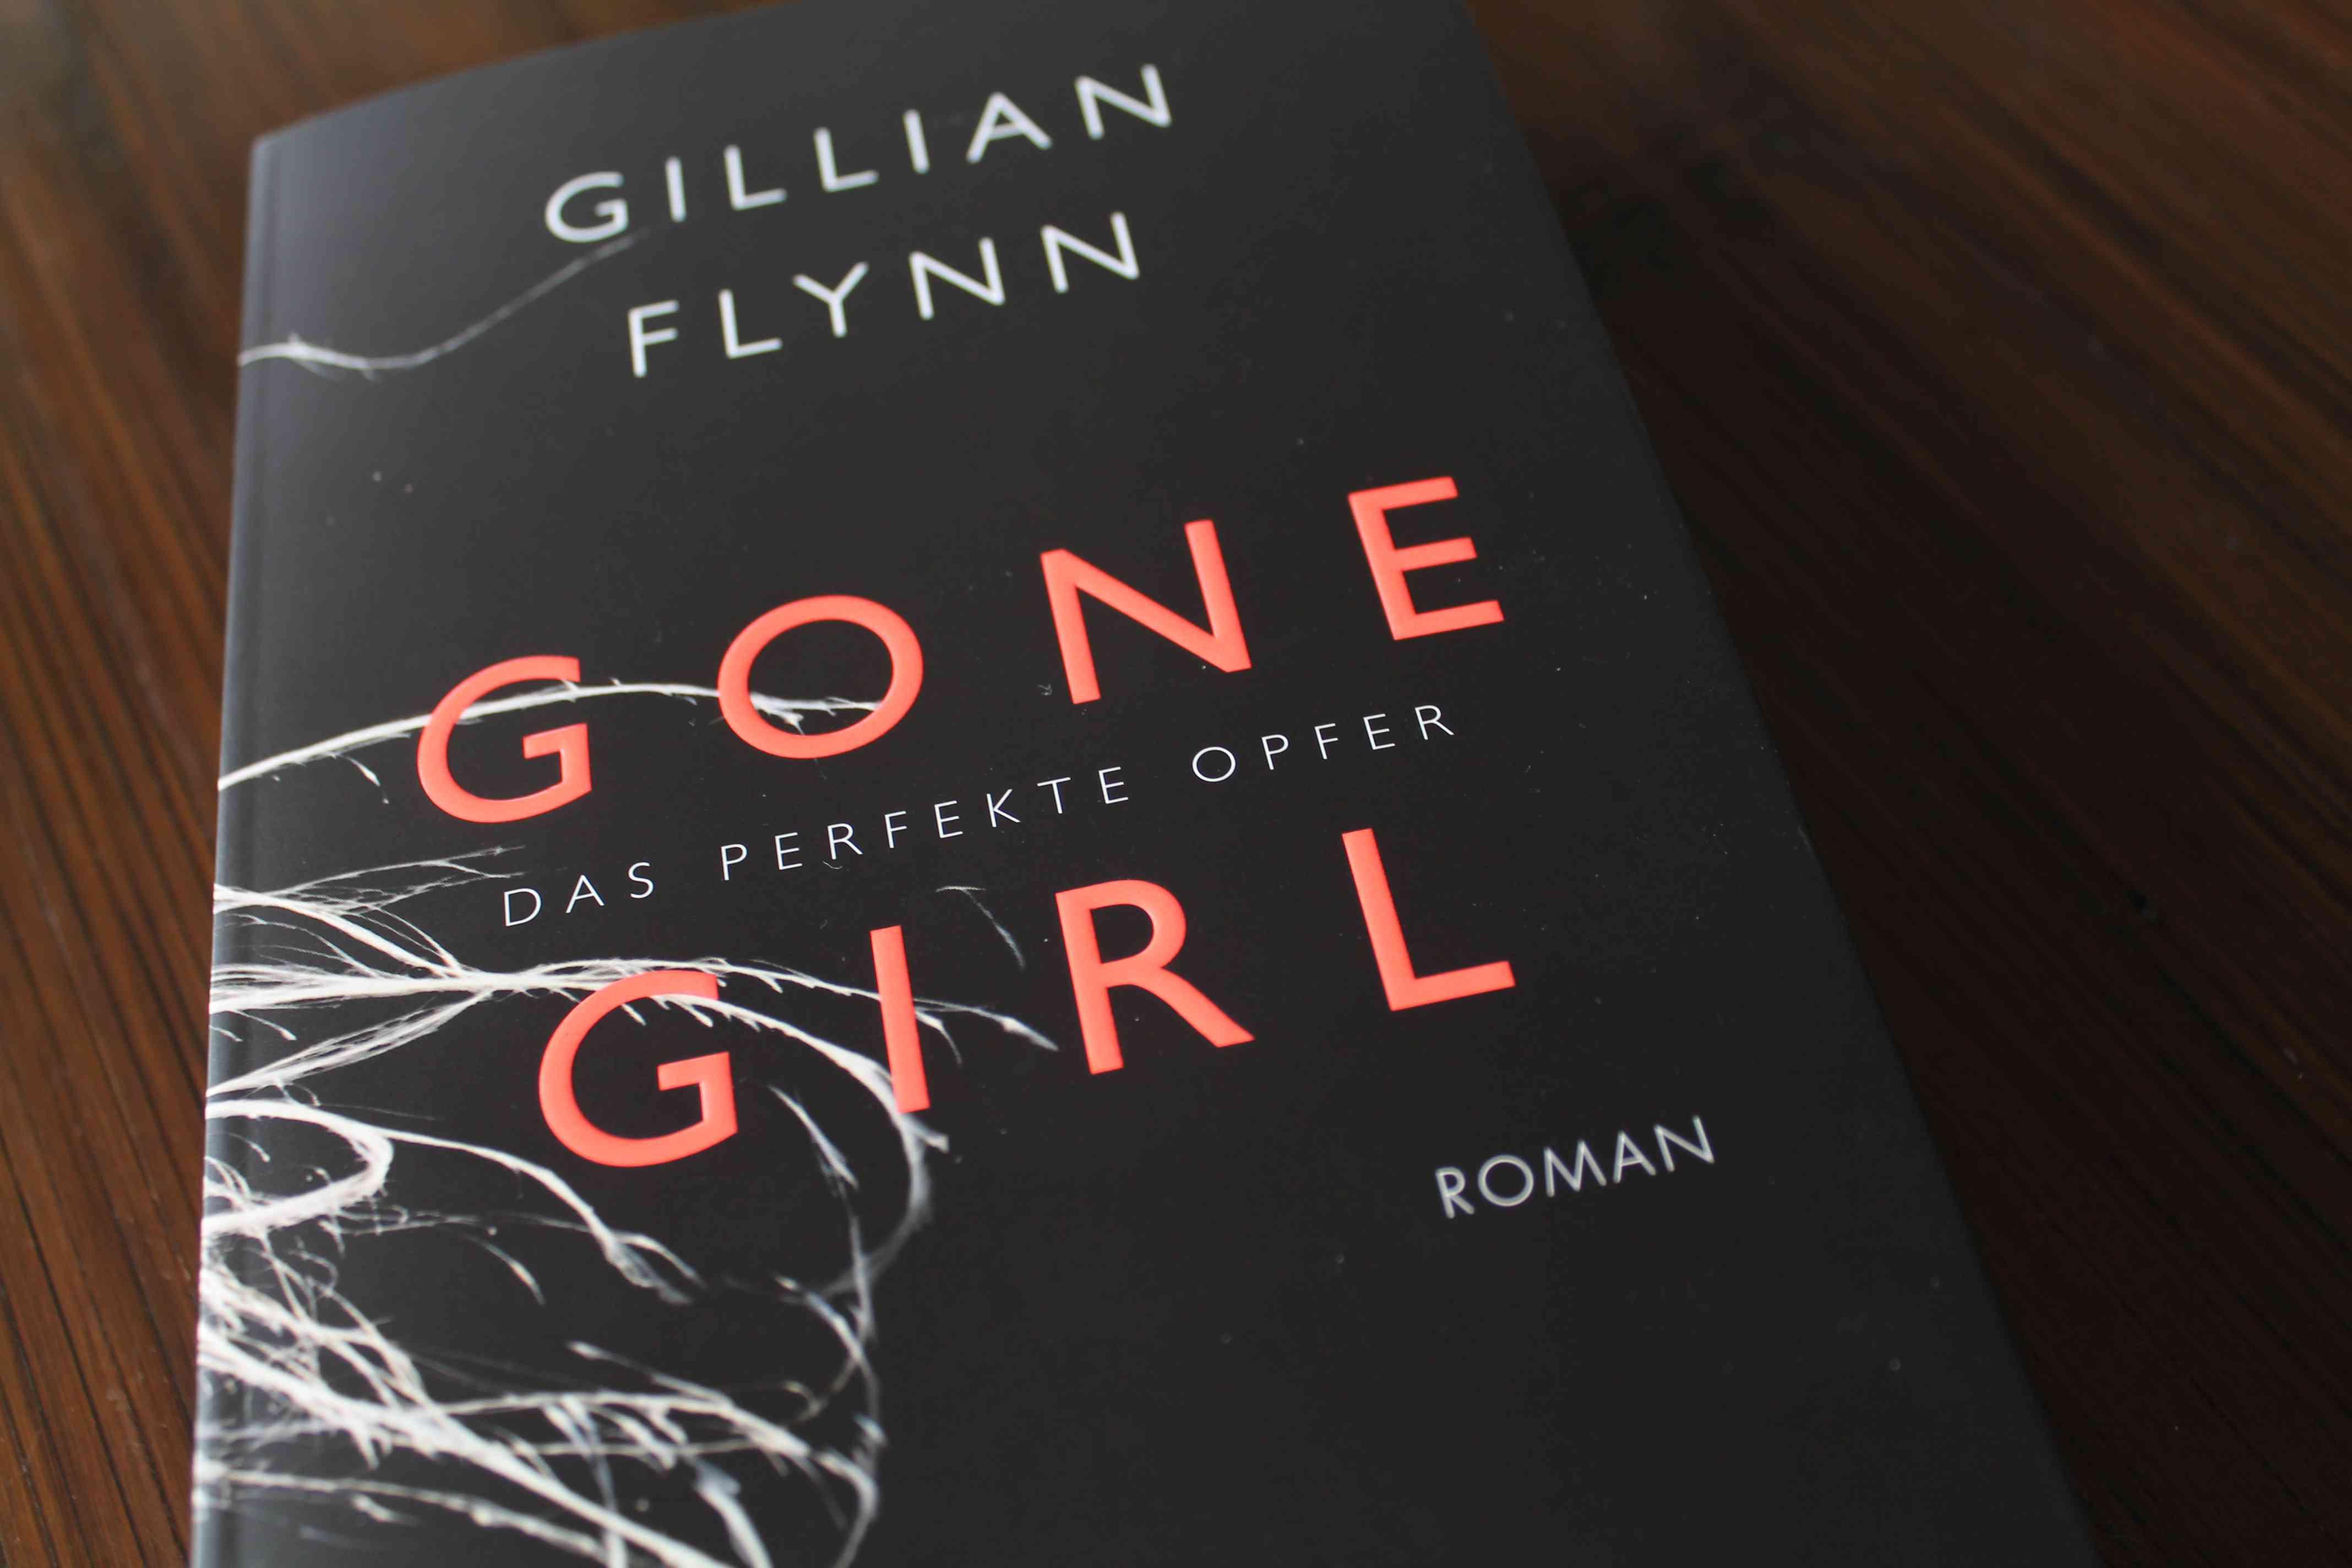 Gillian-Flynn-Gone-Girl-Buch